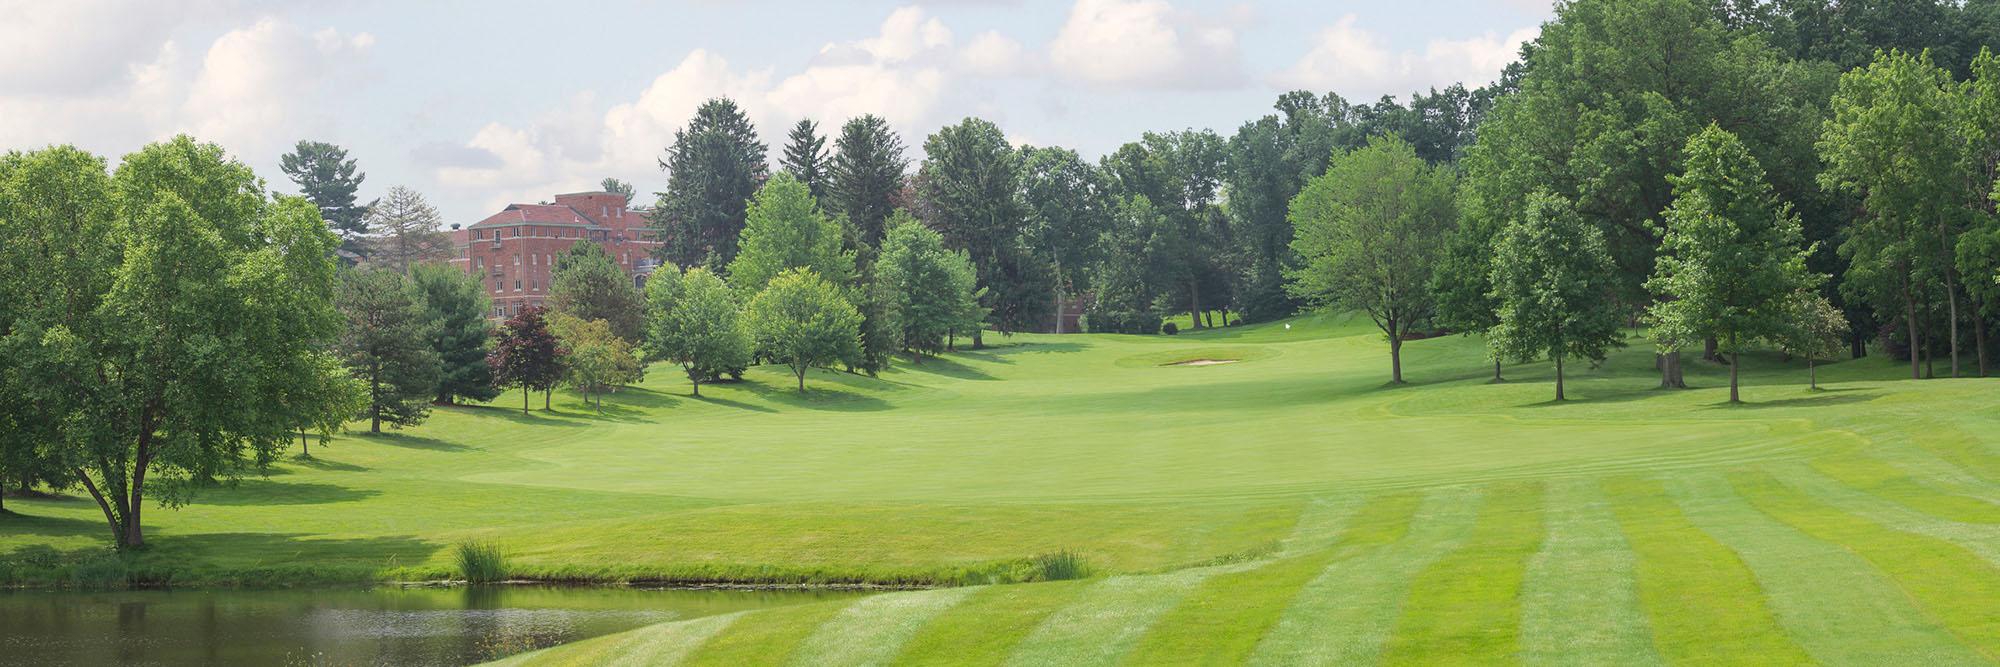 Golf Course Image - Glenmoor Country Club No. 18